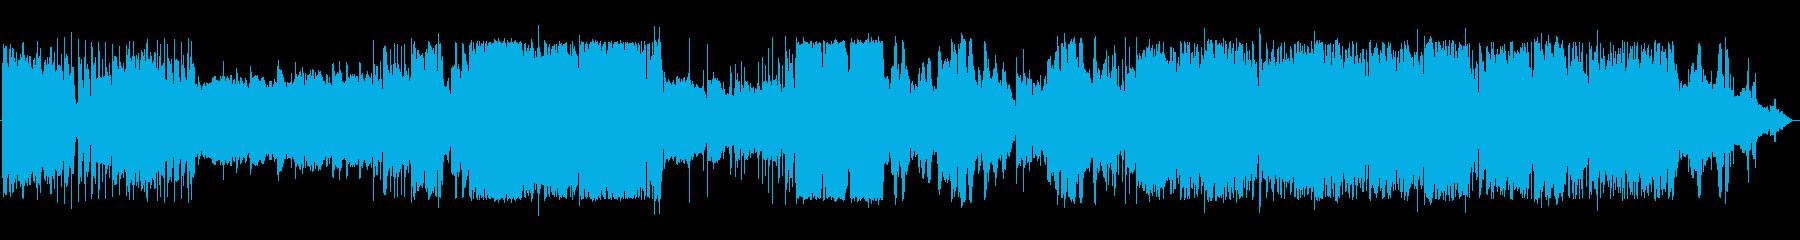 グラムロック風の変化ある派手なバンド演奏の再生済みの波形